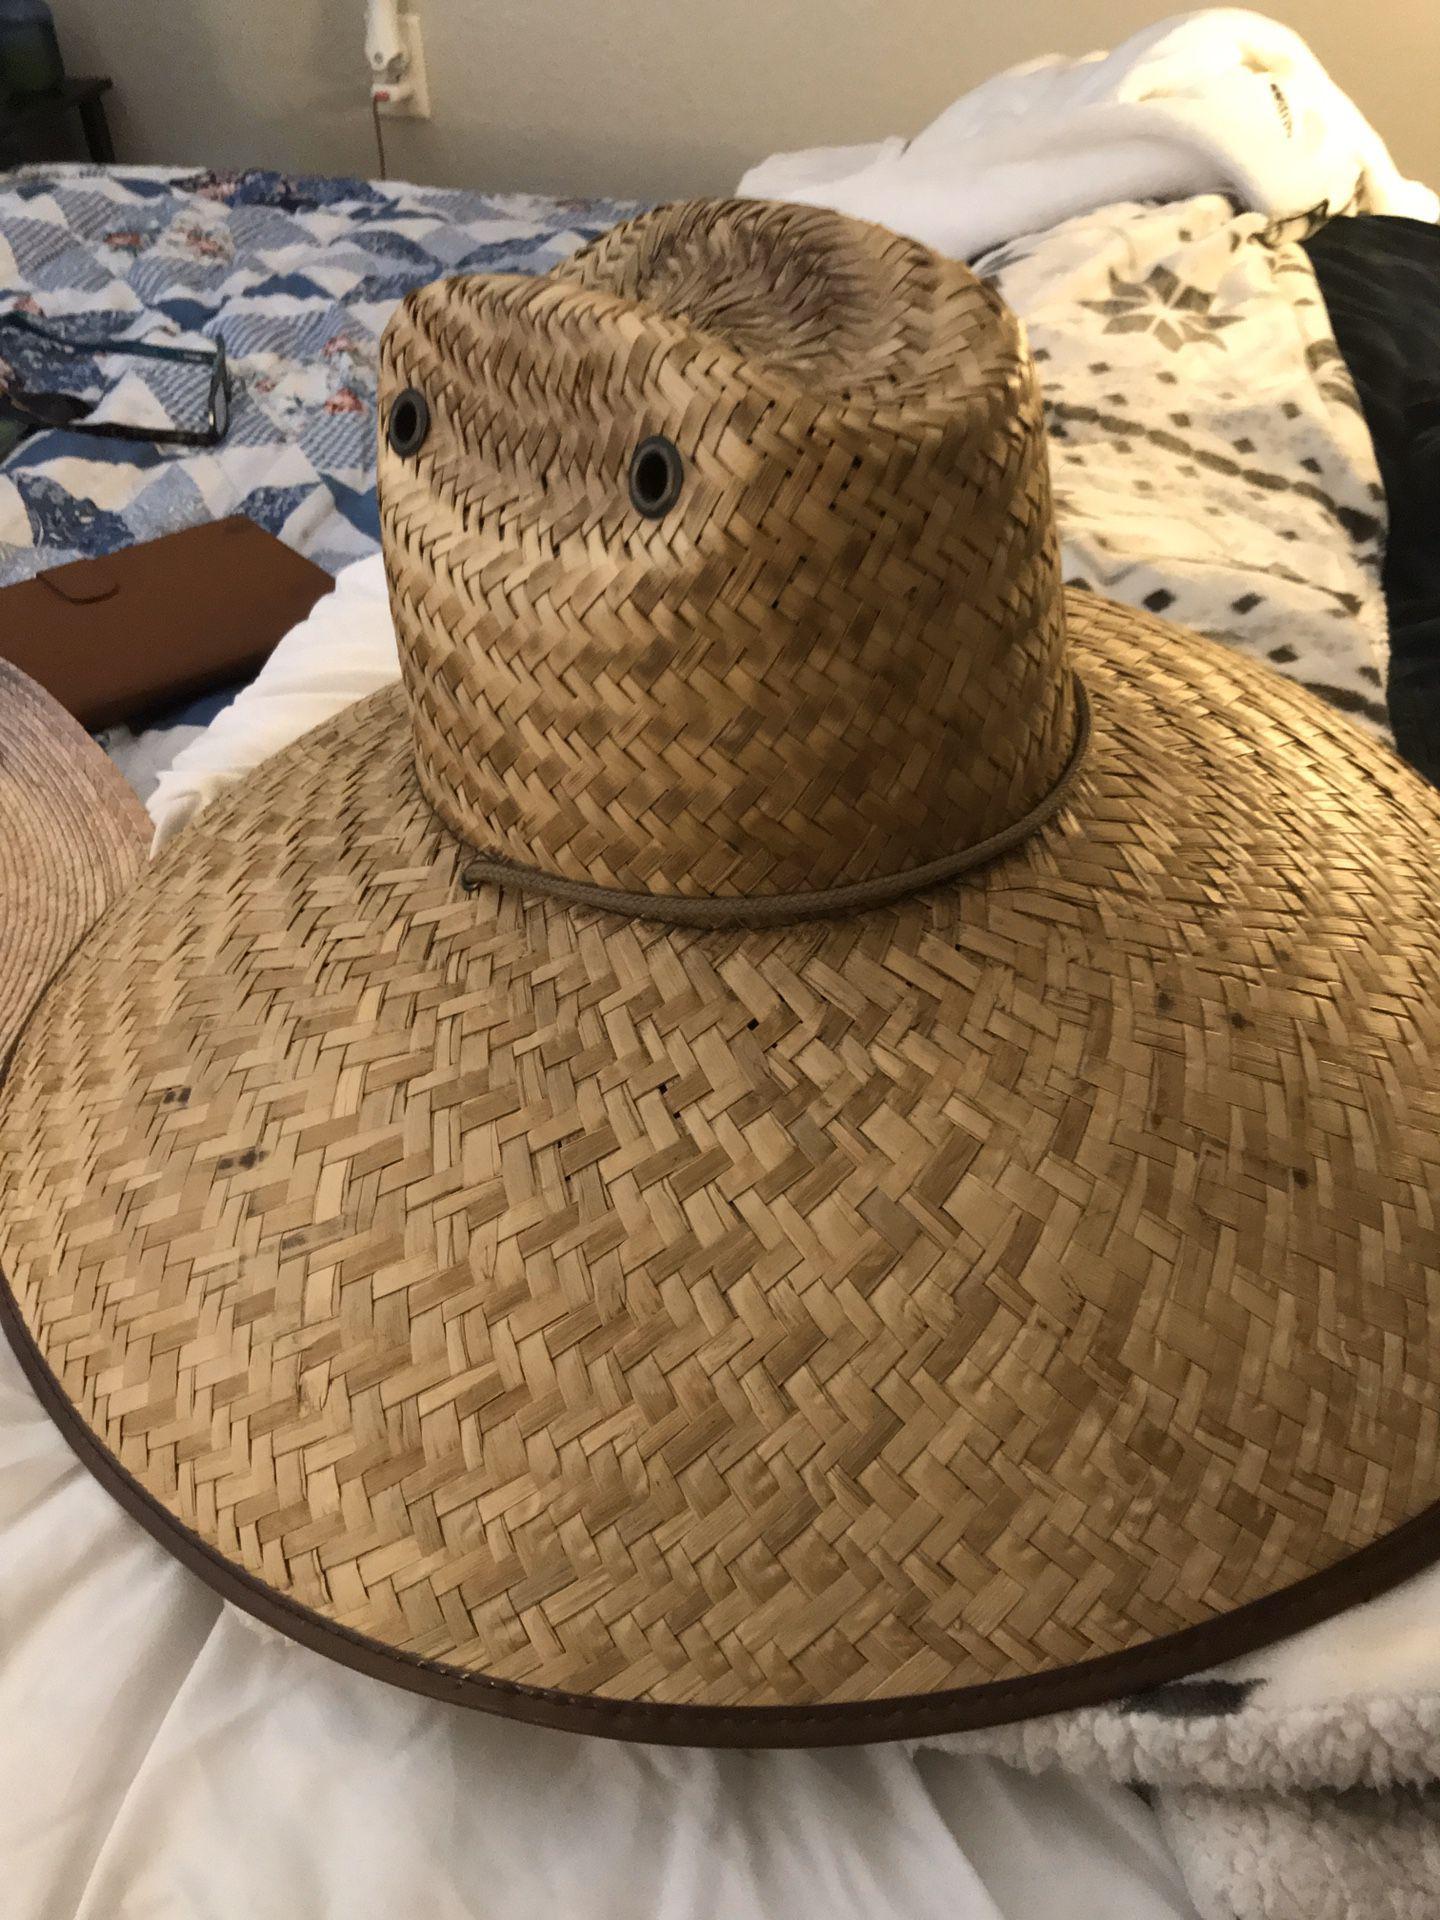 Two Sunhats handwoven 20$